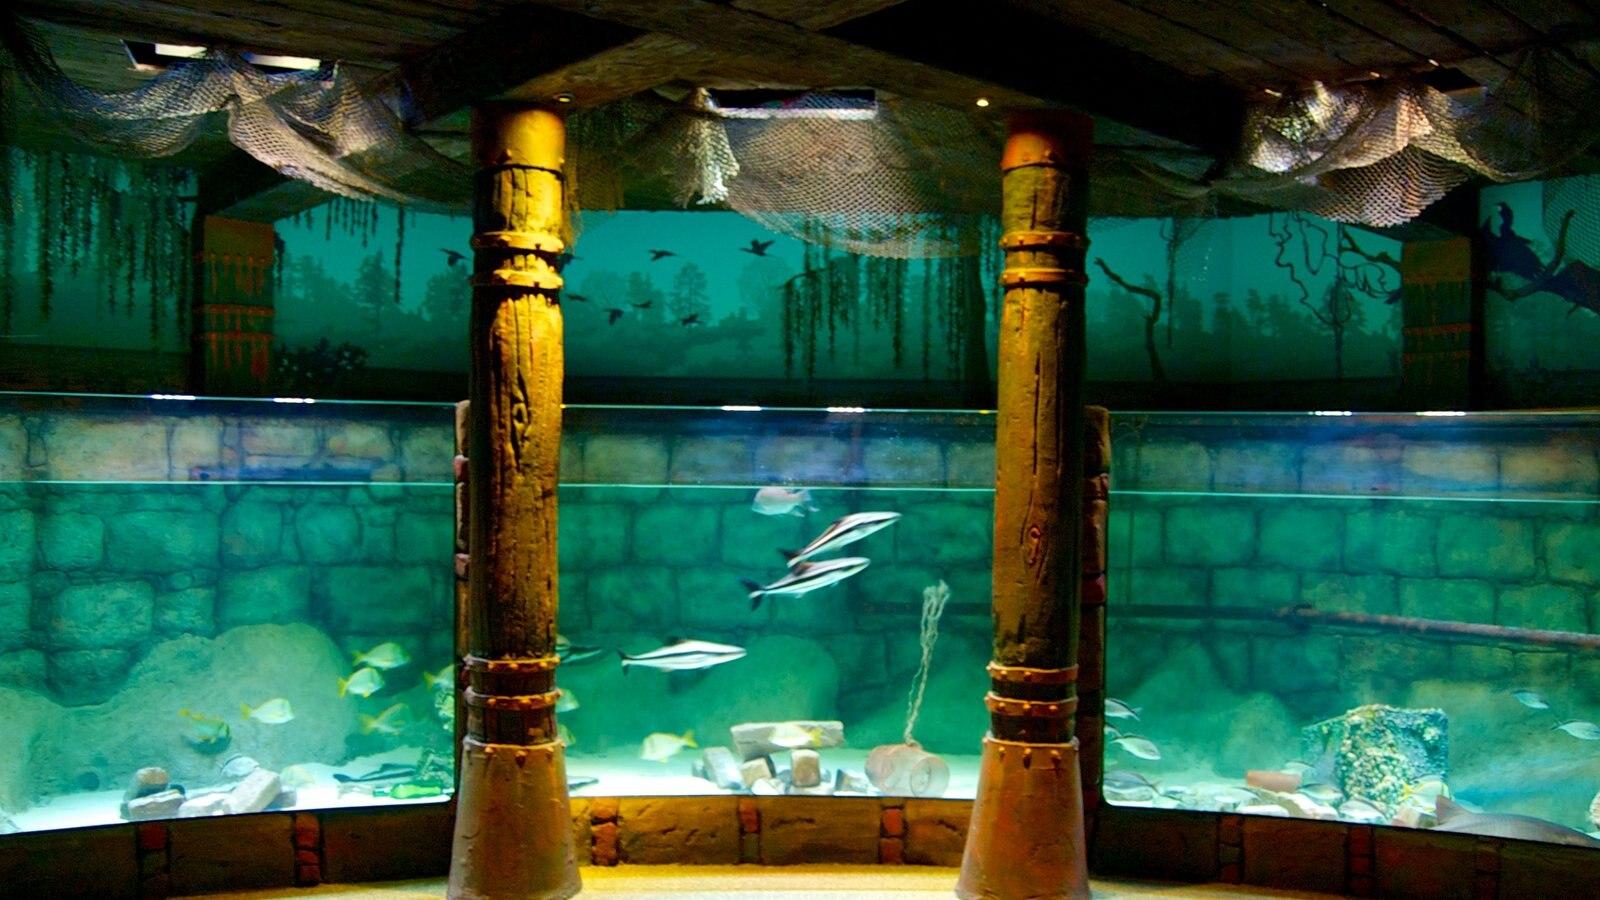 sea life aquarium missouri pictures view photos images of sea life aquarium missouri. Black Bedroom Furniture Sets. Home Design Ideas